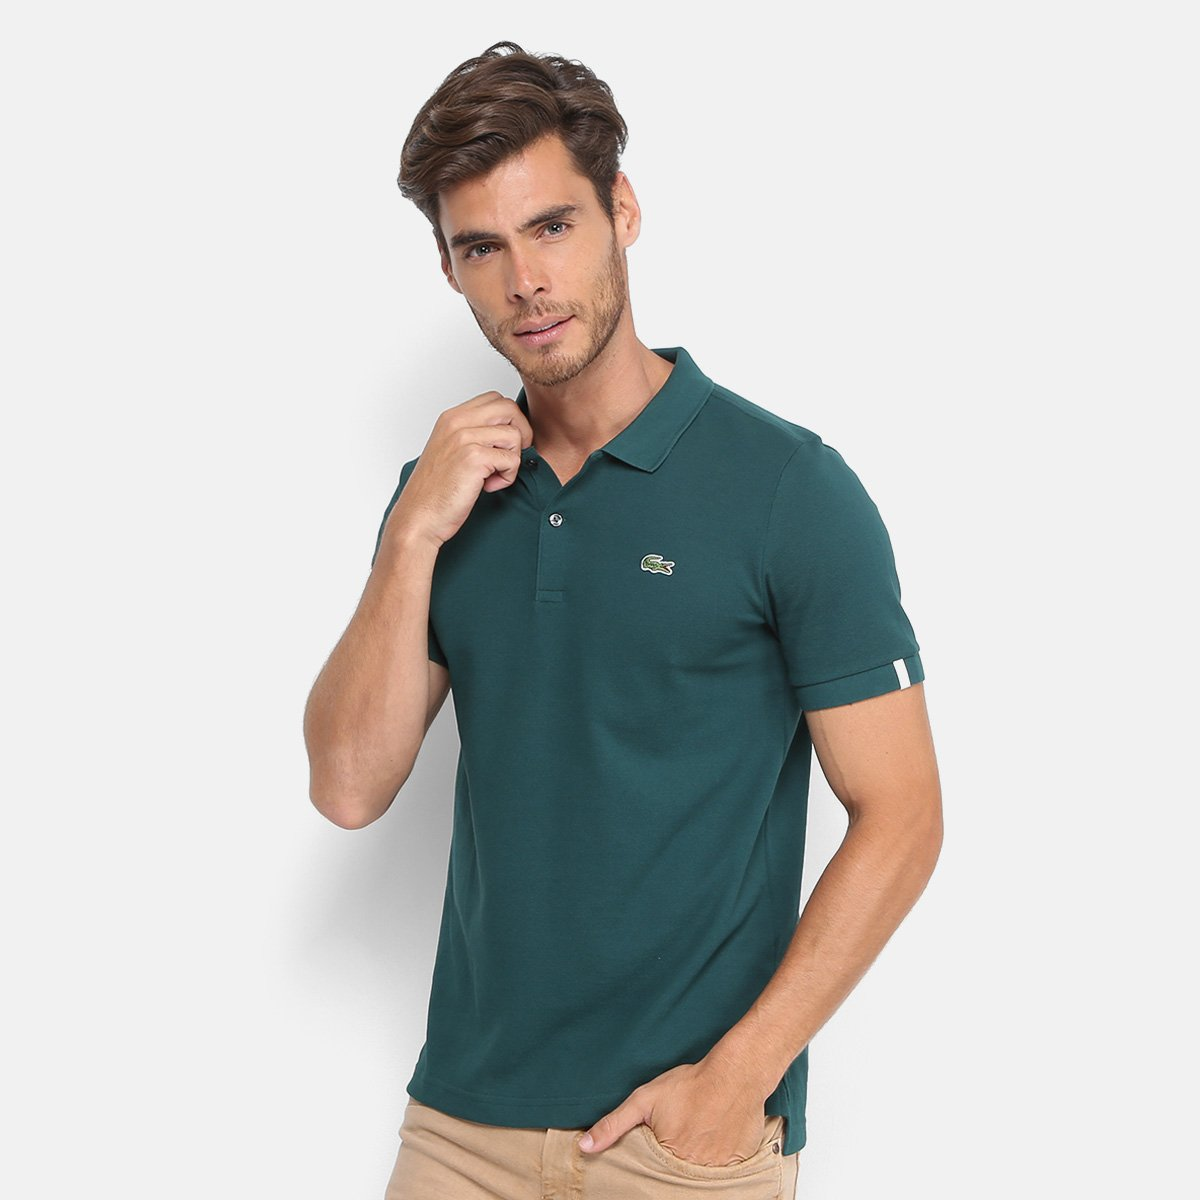 2a5a1add3935c Camisa Polo Lacoste Live Piquet Masculina - Verde - Compre Agora ...